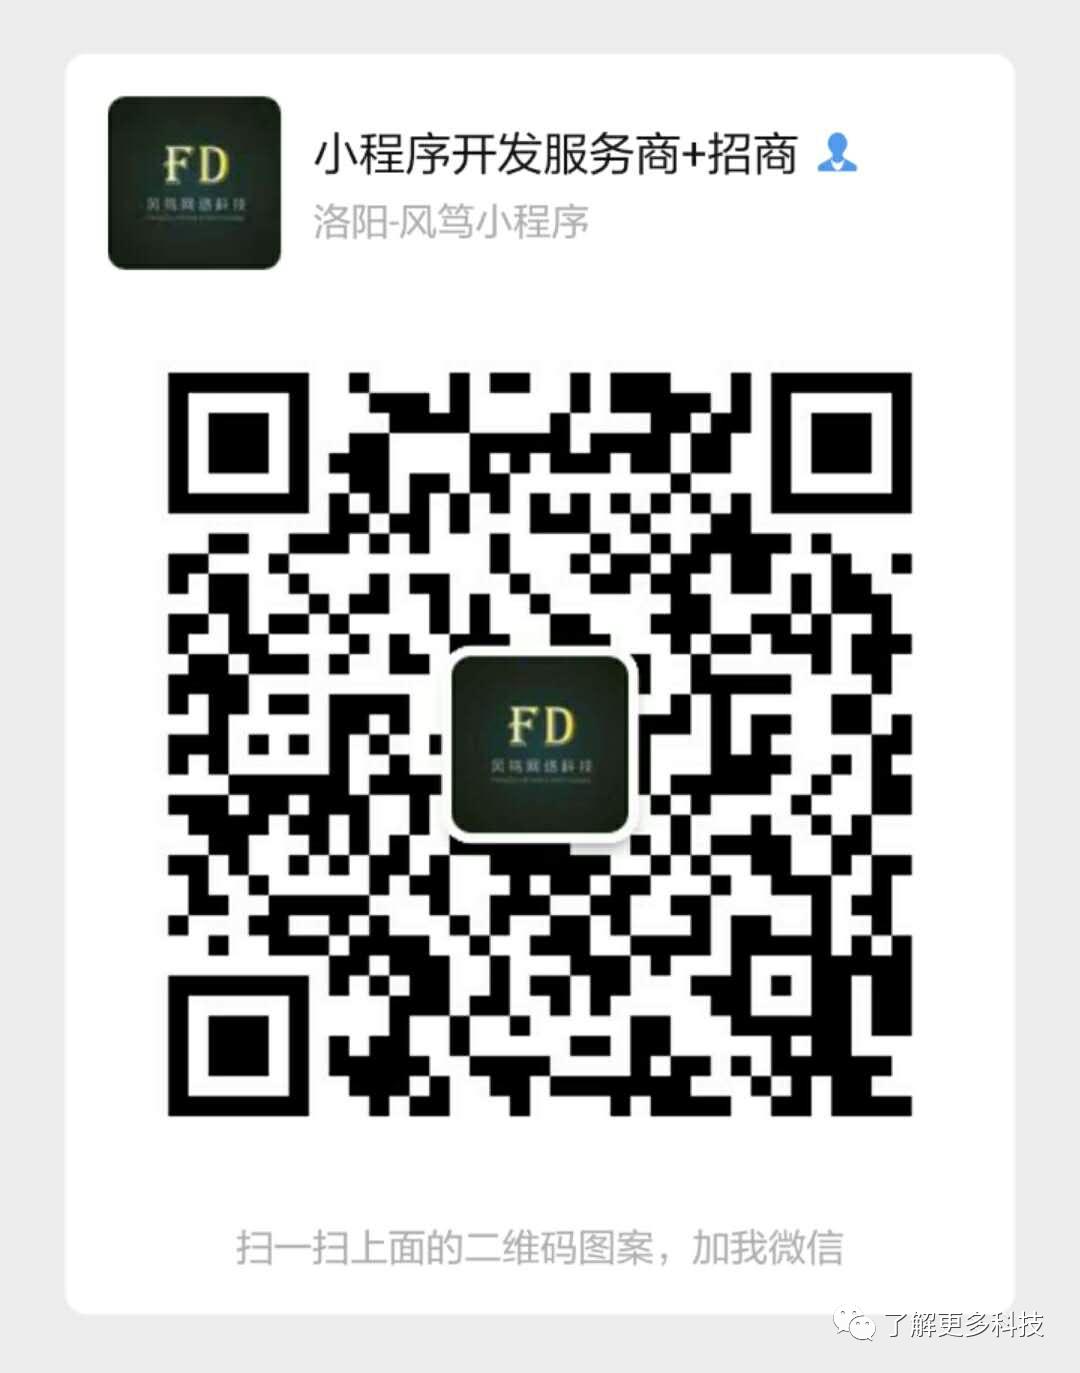 c05a45af4a325c7de67bf02a00da7706.png